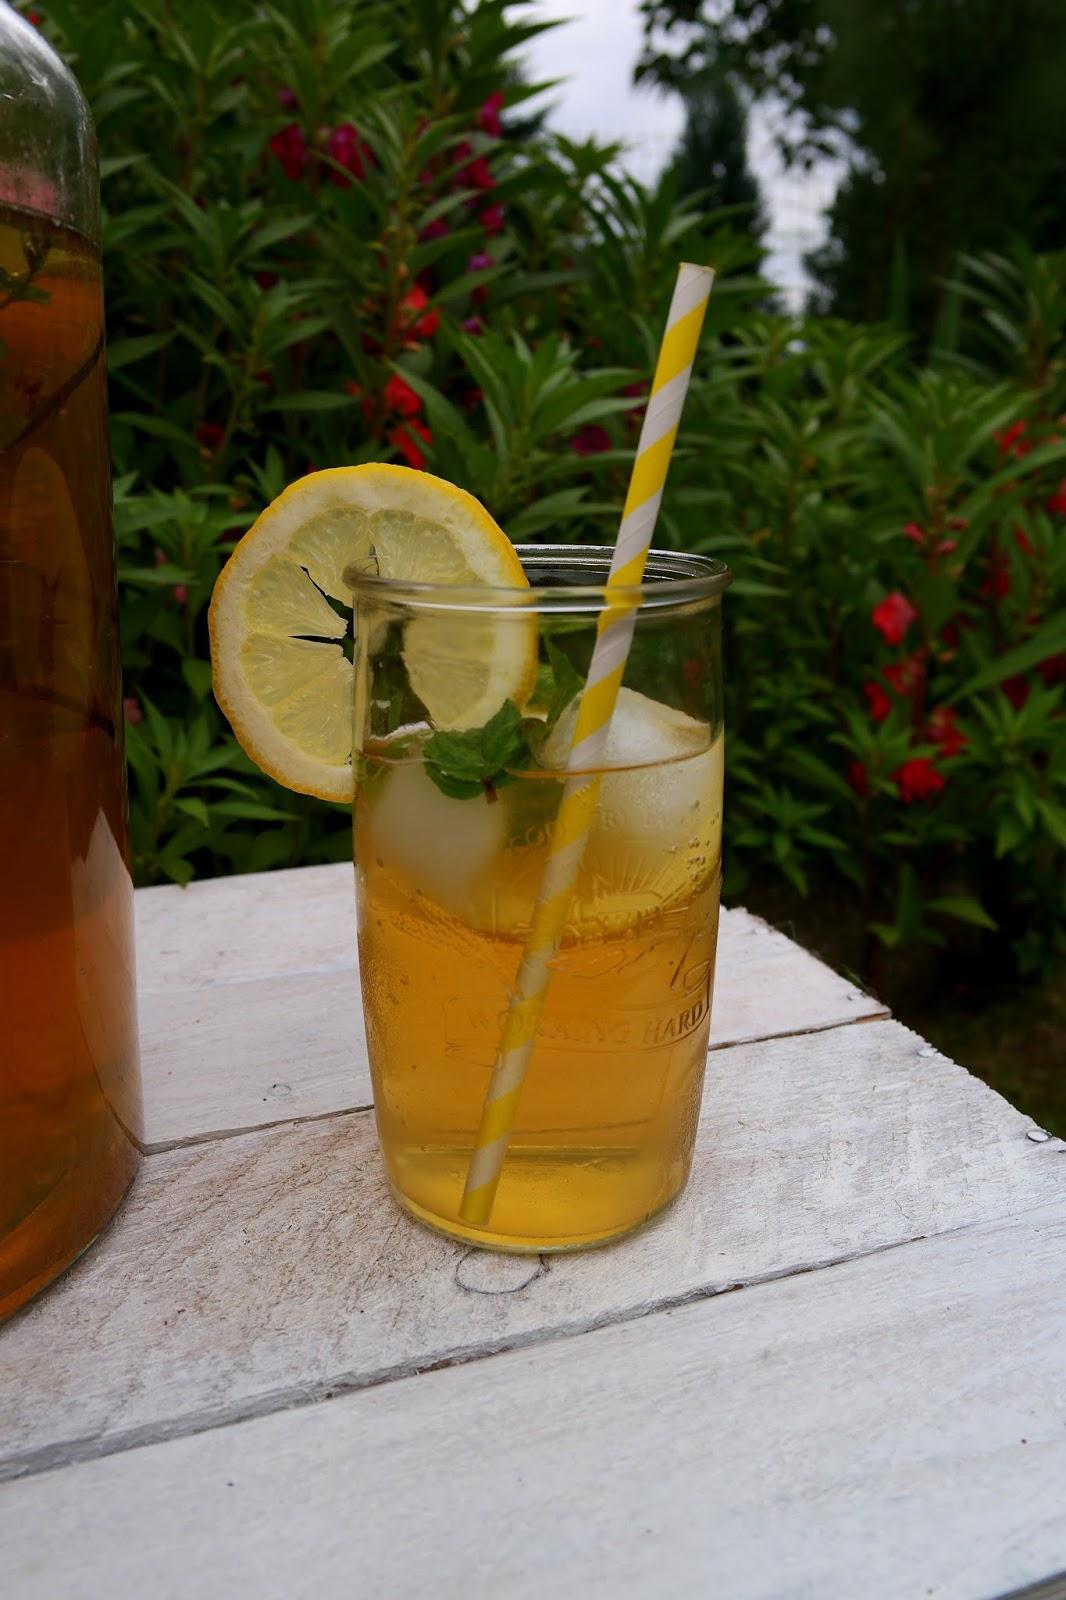 Mrożona zielona herbata gotowa do wypicia